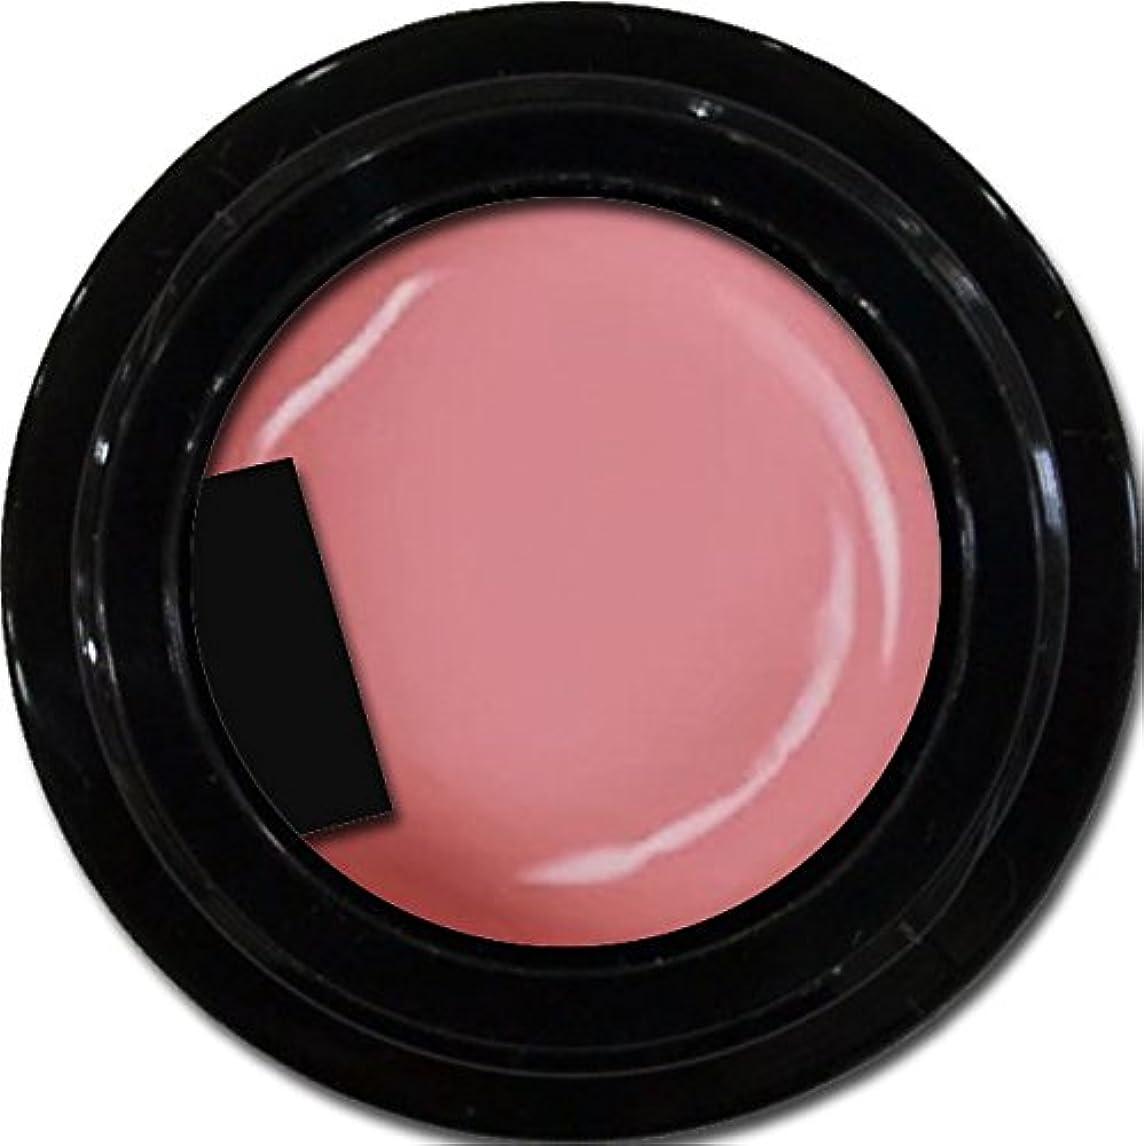 カラージェル enchant color gel M210 ApricotPink 3g/ マットカラージェル M210 アプリコットピンク 3グラム